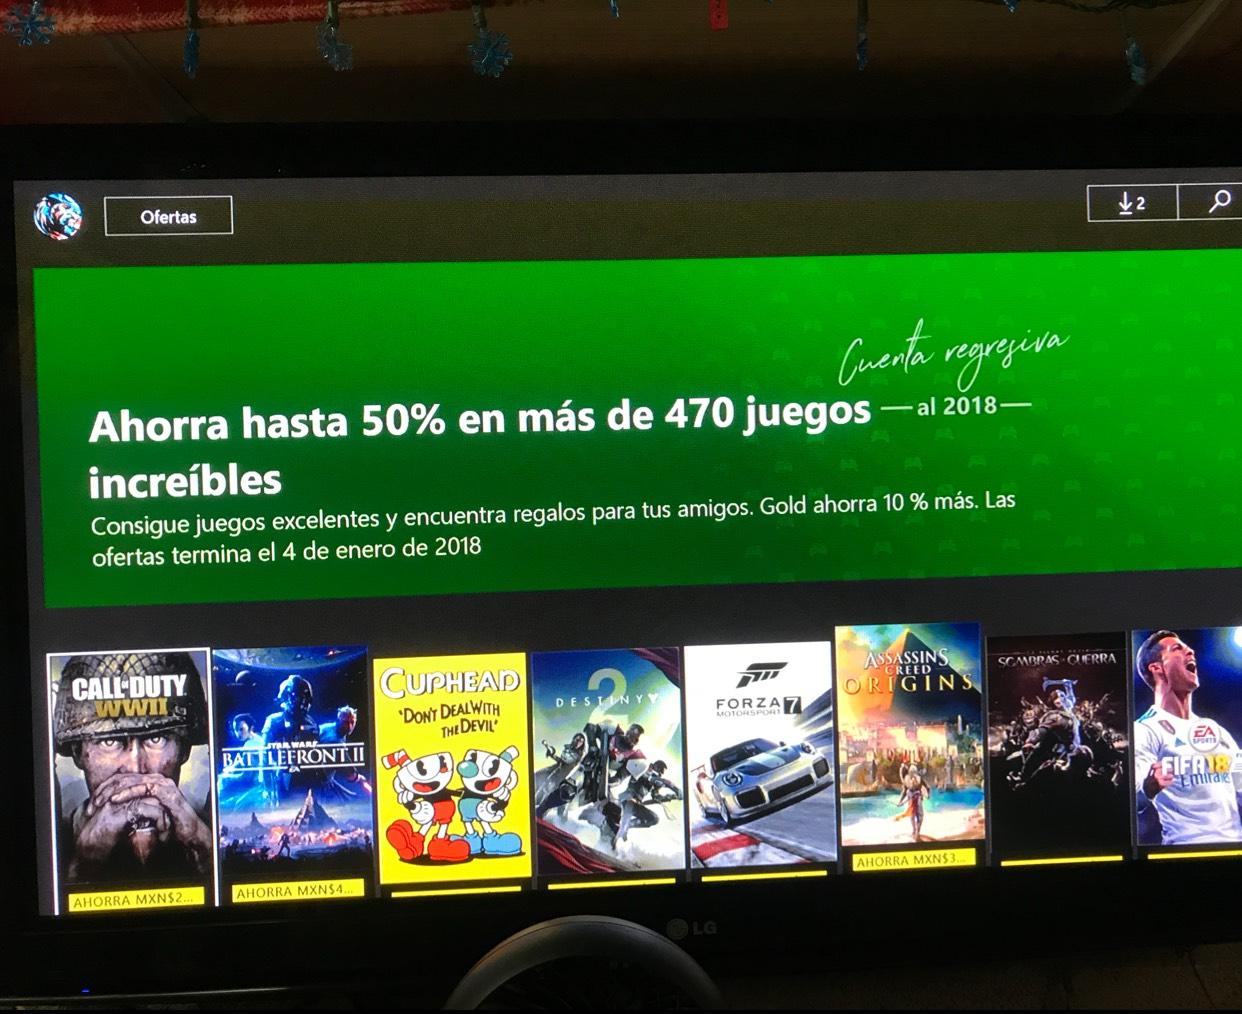 Microsoft Store: Variedad de juegos a buen precio!